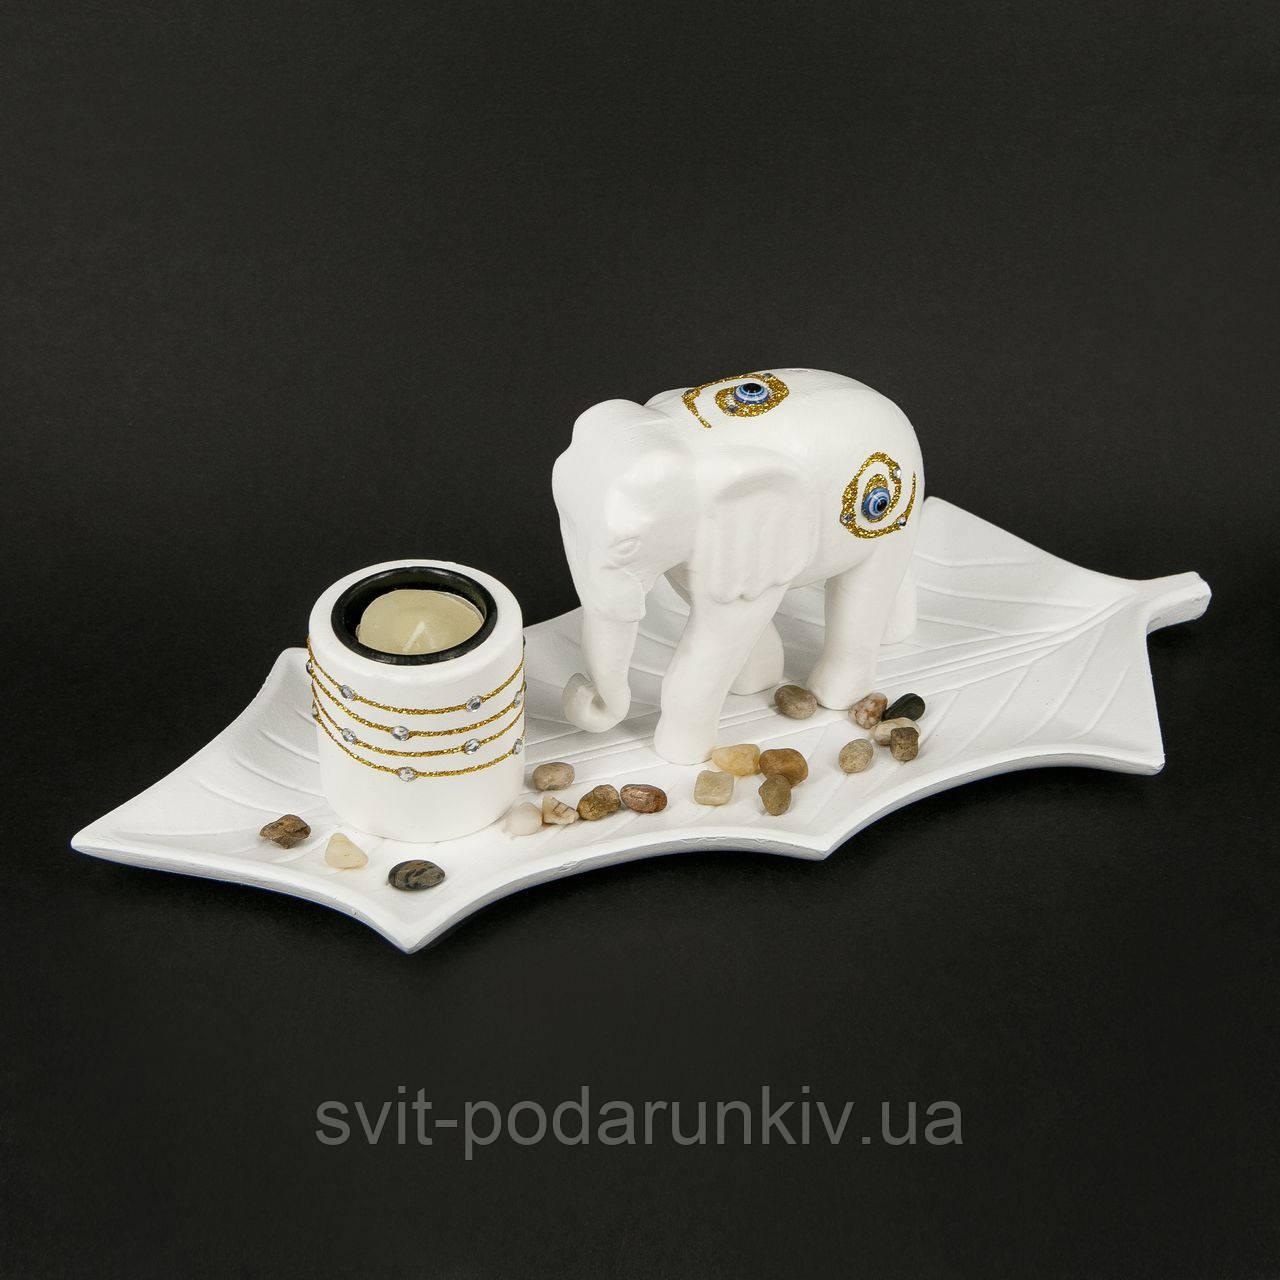 Подсвечник керамический со слоном на спине которого оберег кошачий глаз GHS190